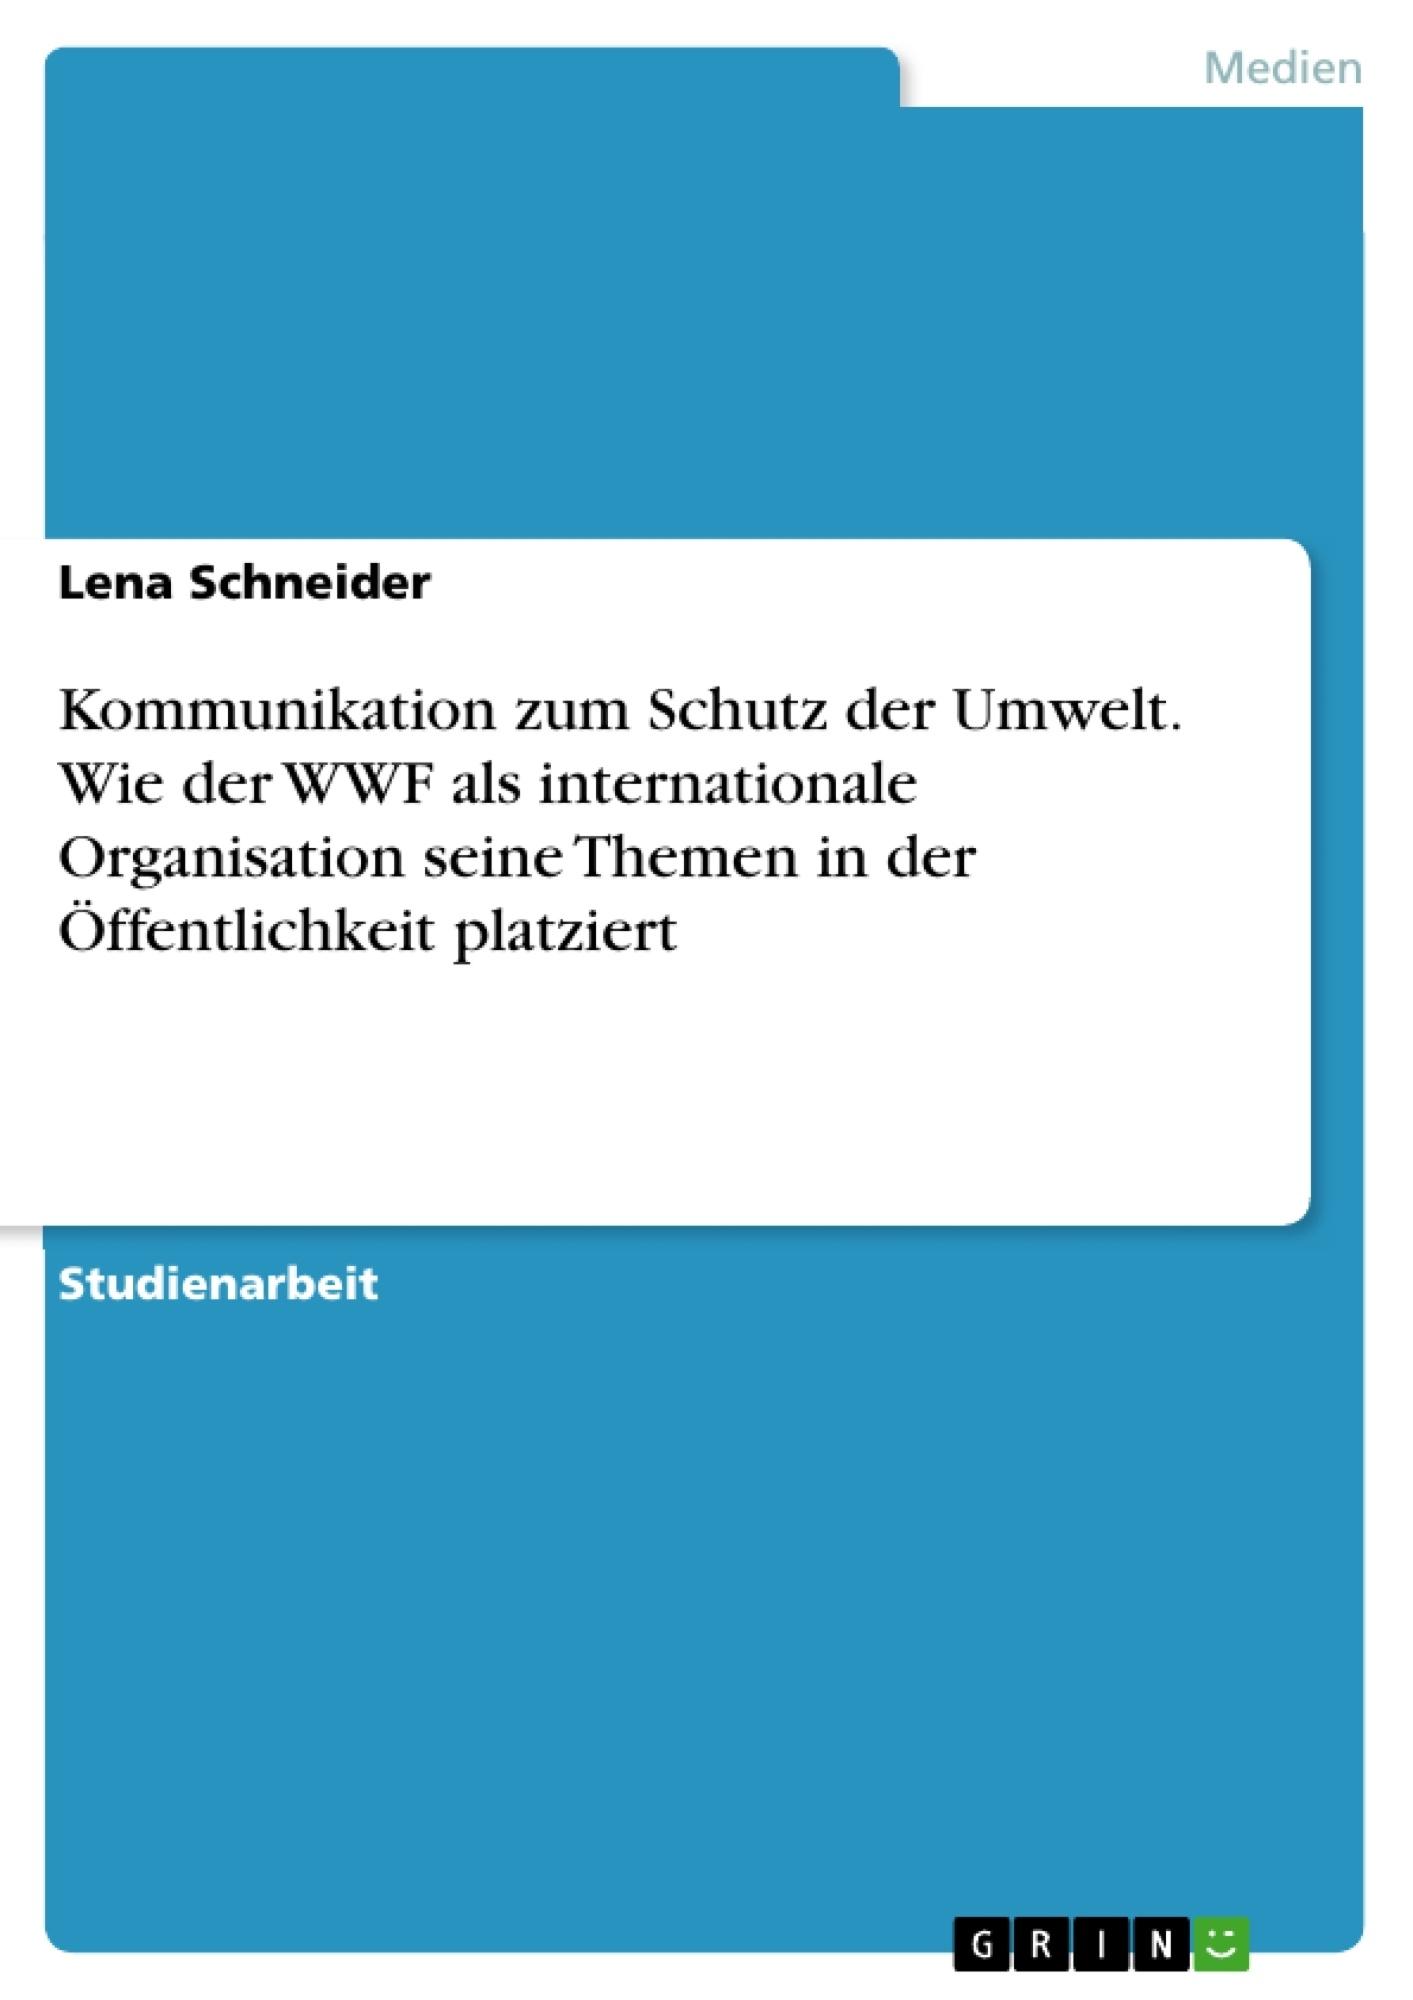 Titel: Kommunikation zum Schutz der Umwelt. Wie der WWF als internationale Organisation seine Themen in der Öffentlichkeit platziert